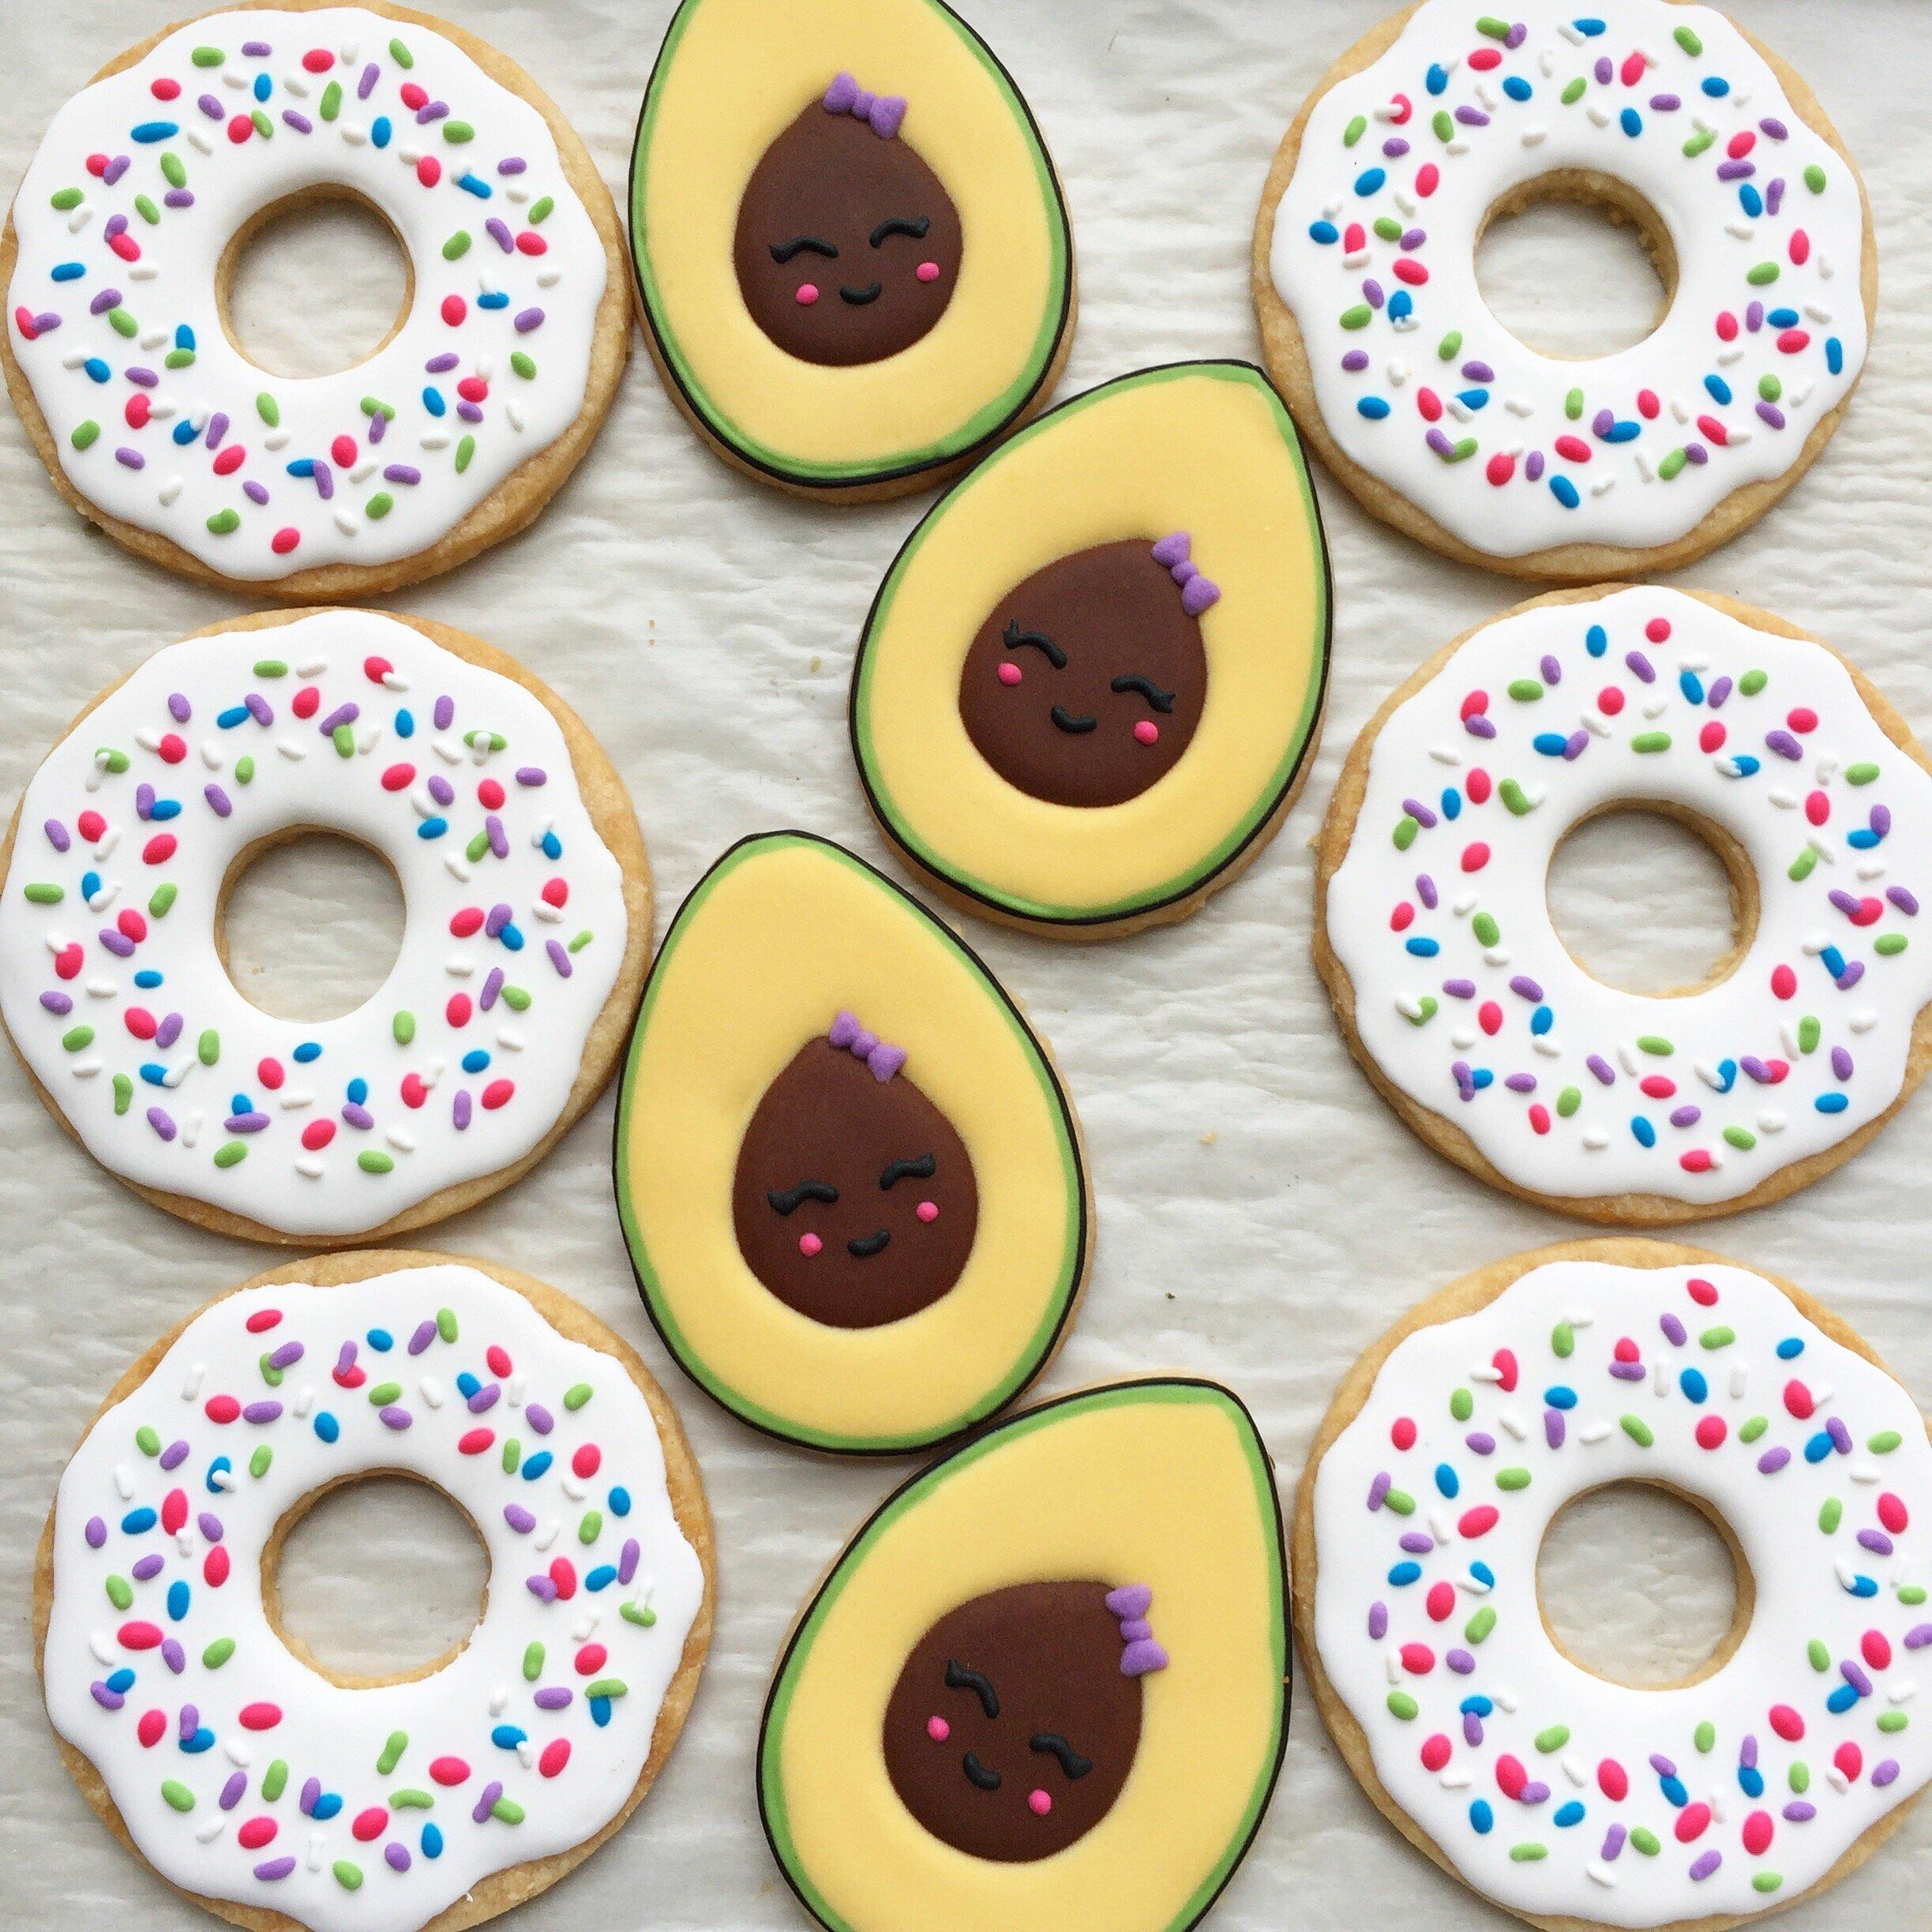 Avocado-donut_C382650C-F733-4AAA-A6E1-CD1406C42794.jpg